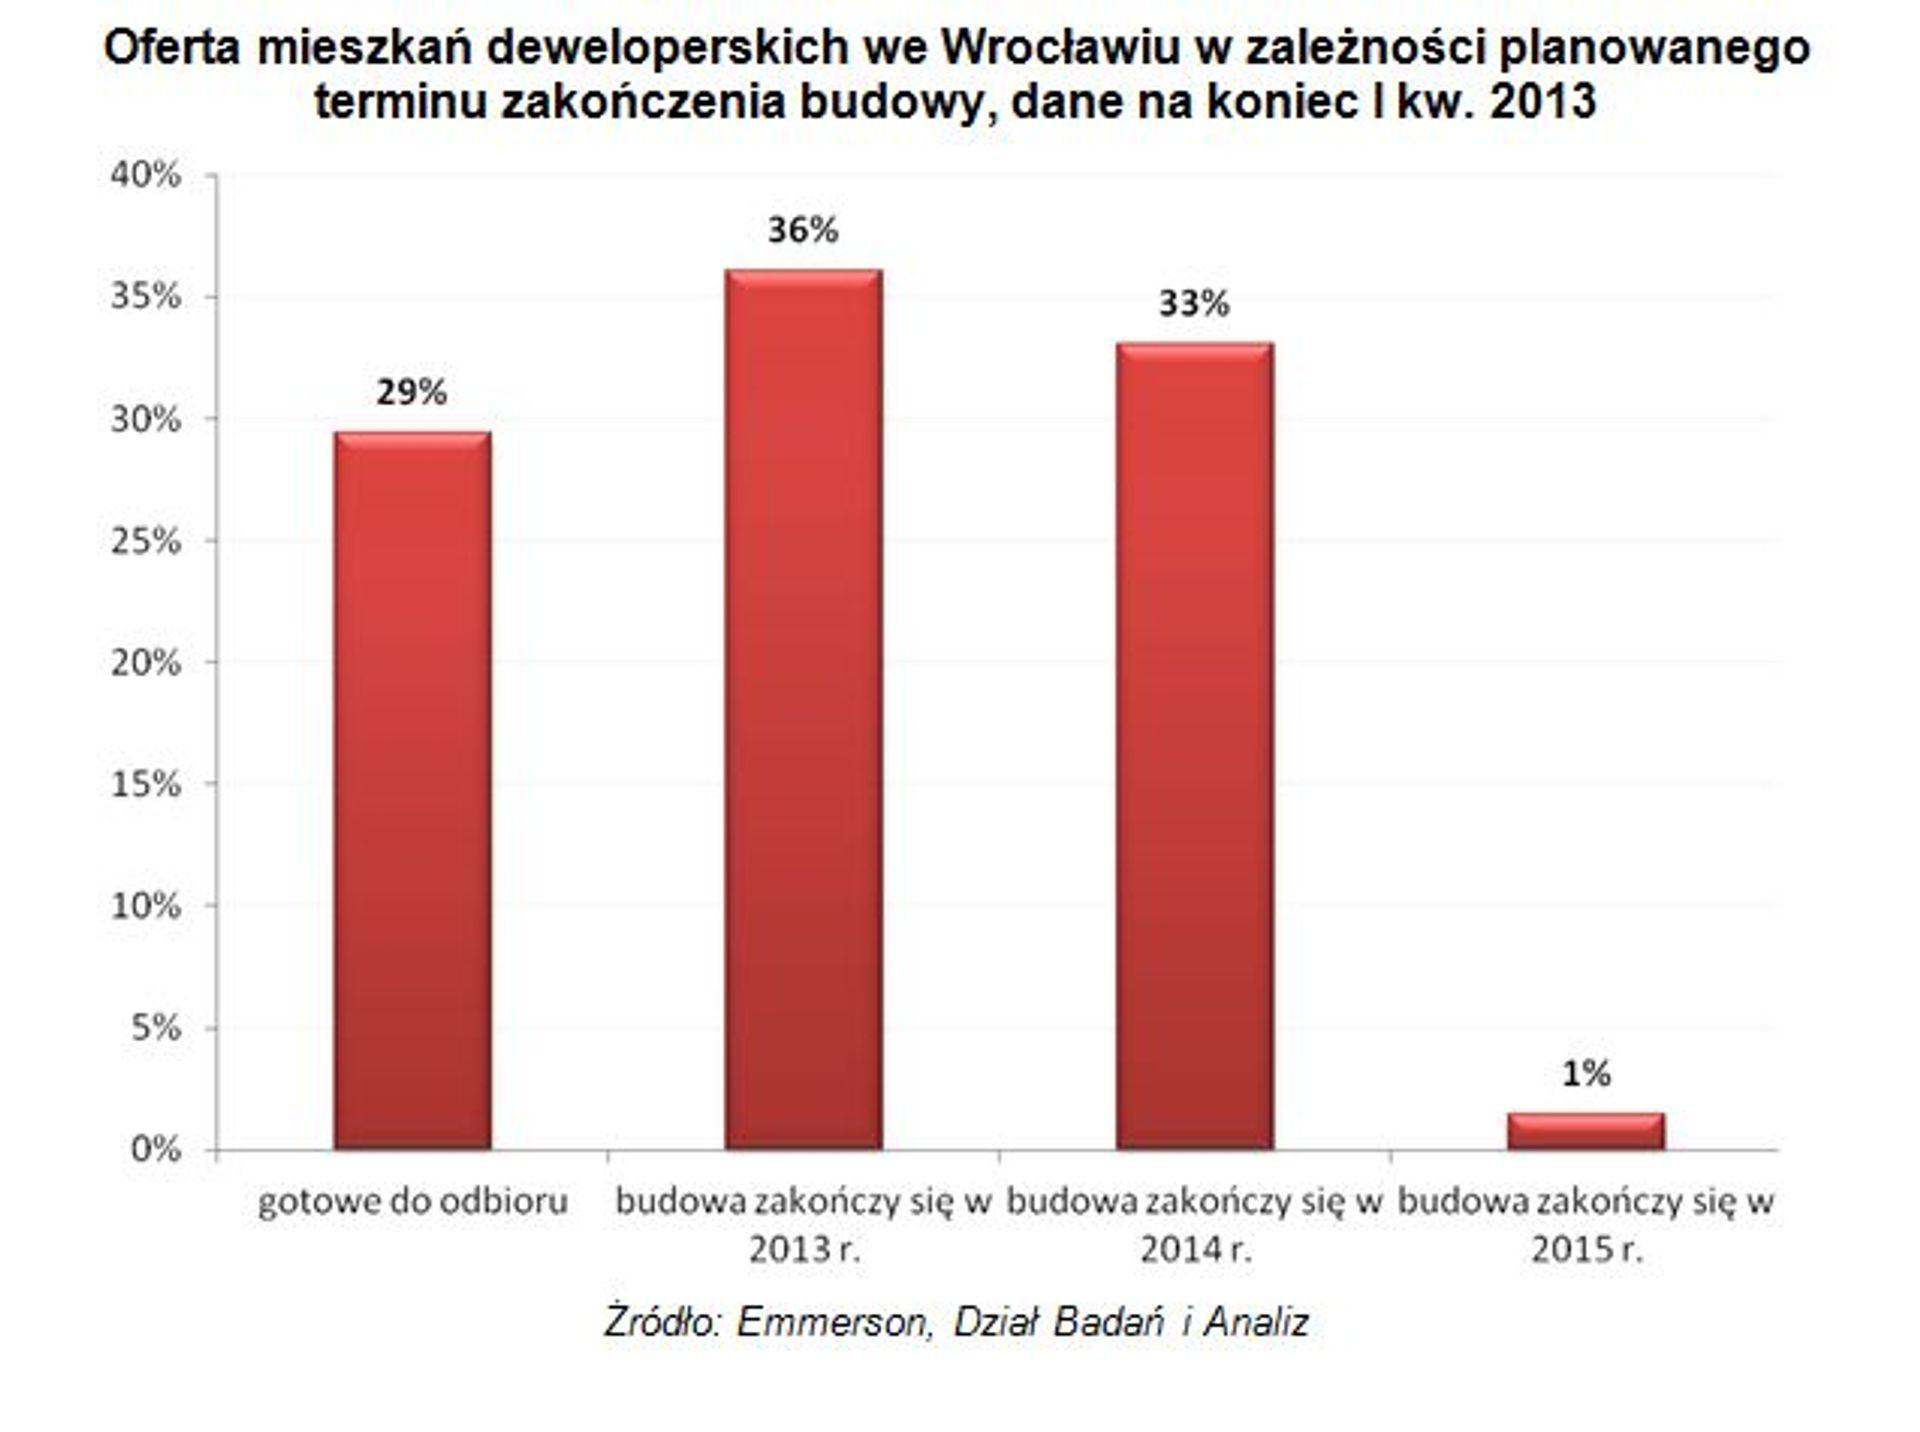 [Wrocław] Wrocławscy deweloperzy mniej skłonności do rozpoczynania kolejnych inwestycji